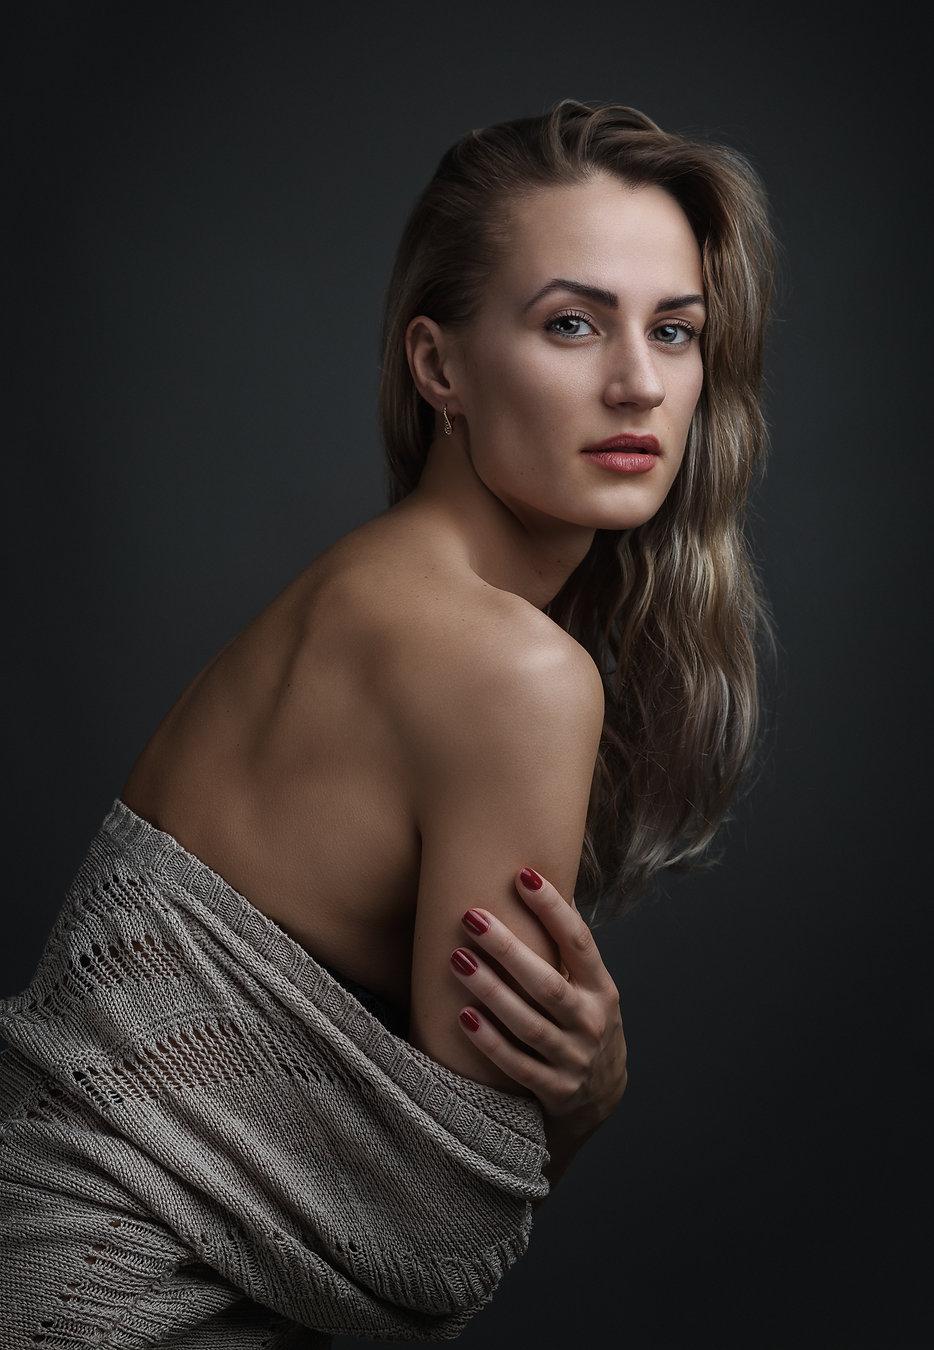 Asmeninė fotosesija fotostudijoje | Erotine fotosesija fotostudijoje | Fototestas fotostudijoje | Kaunas | Lietuva